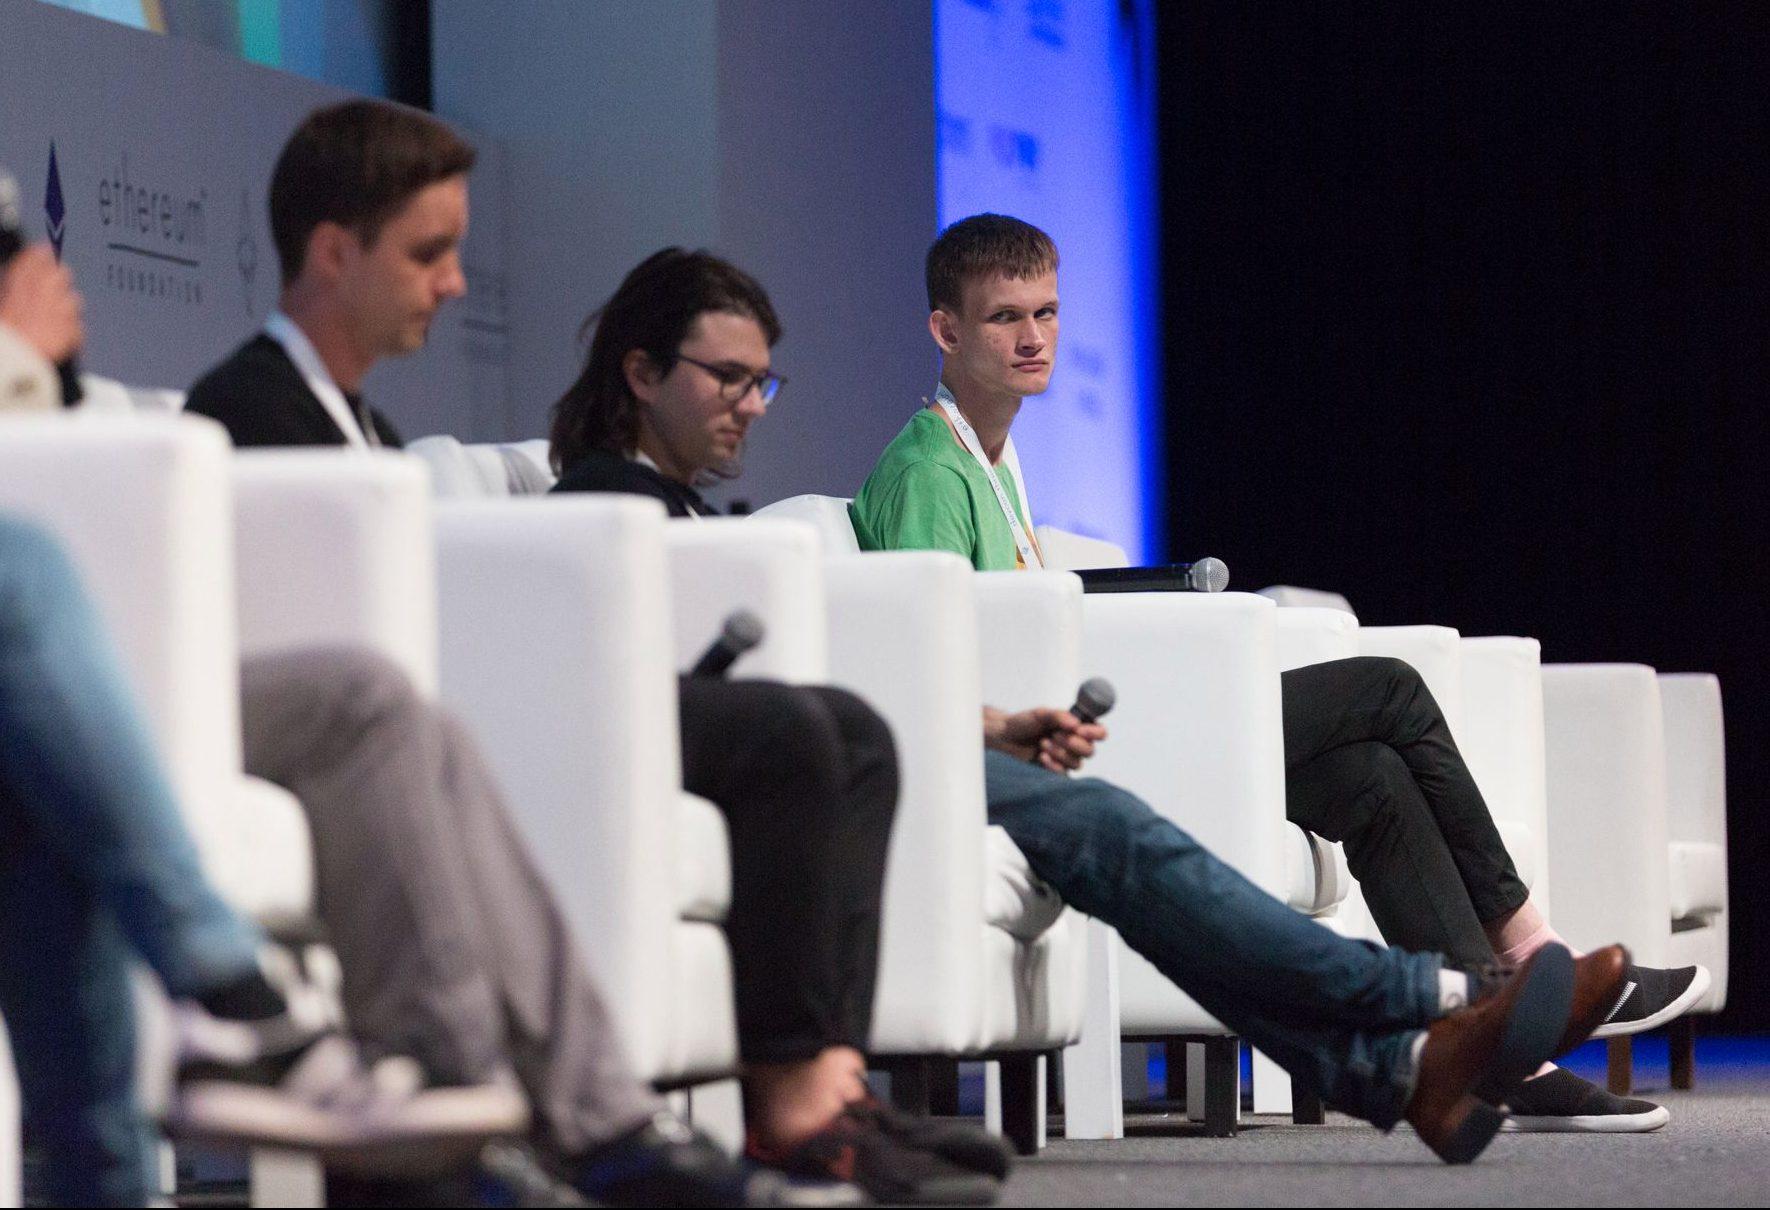 Ethereum co-founder Vitalik Buterin